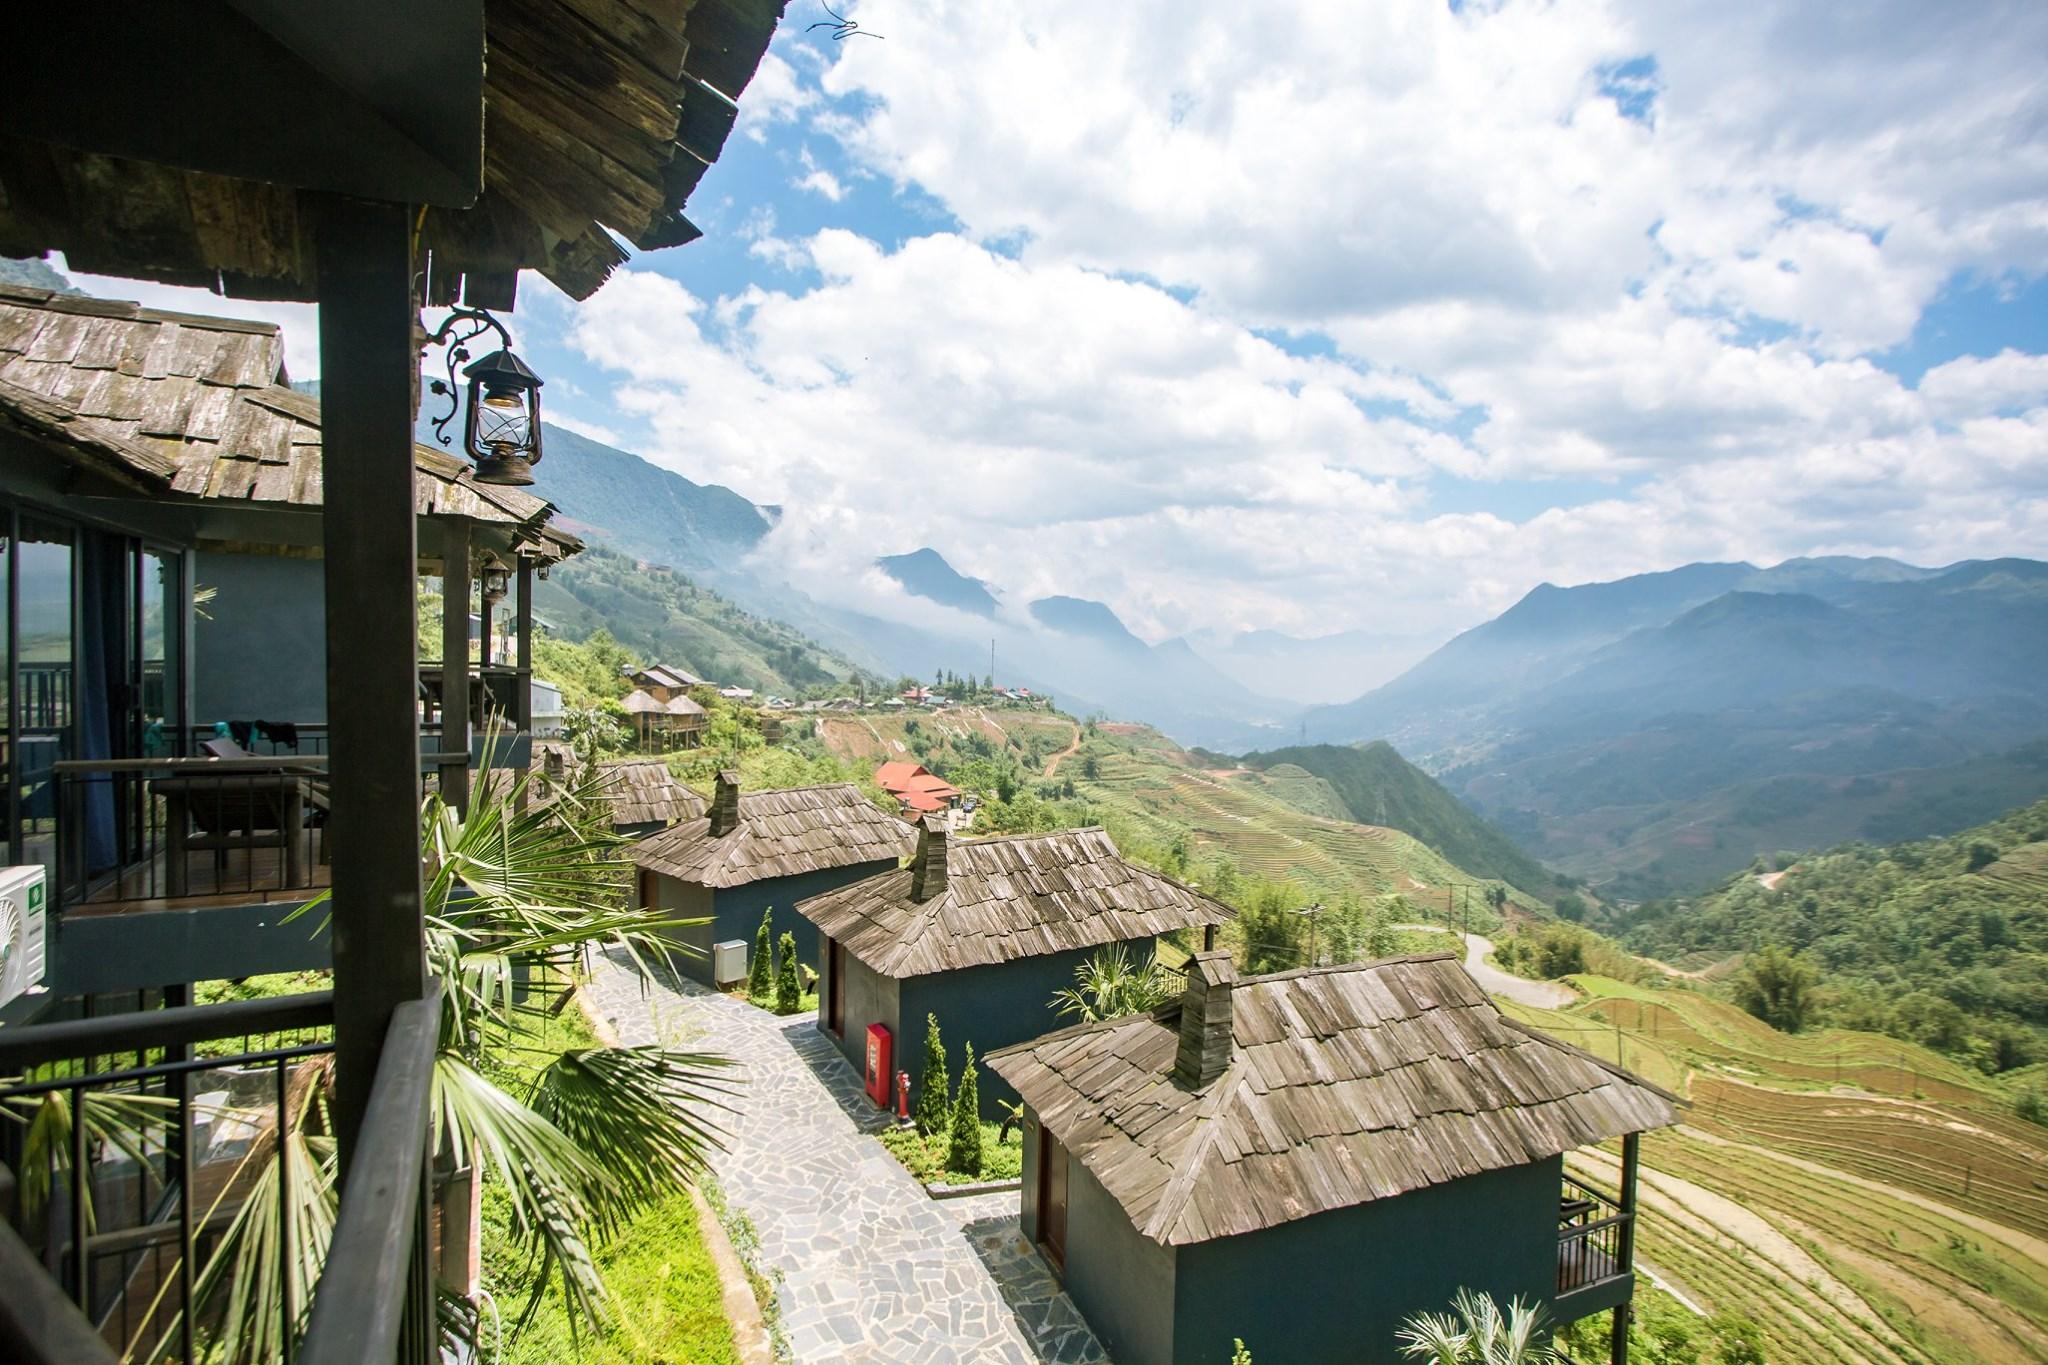 The Mong Village Sapa nằm ở đâu?